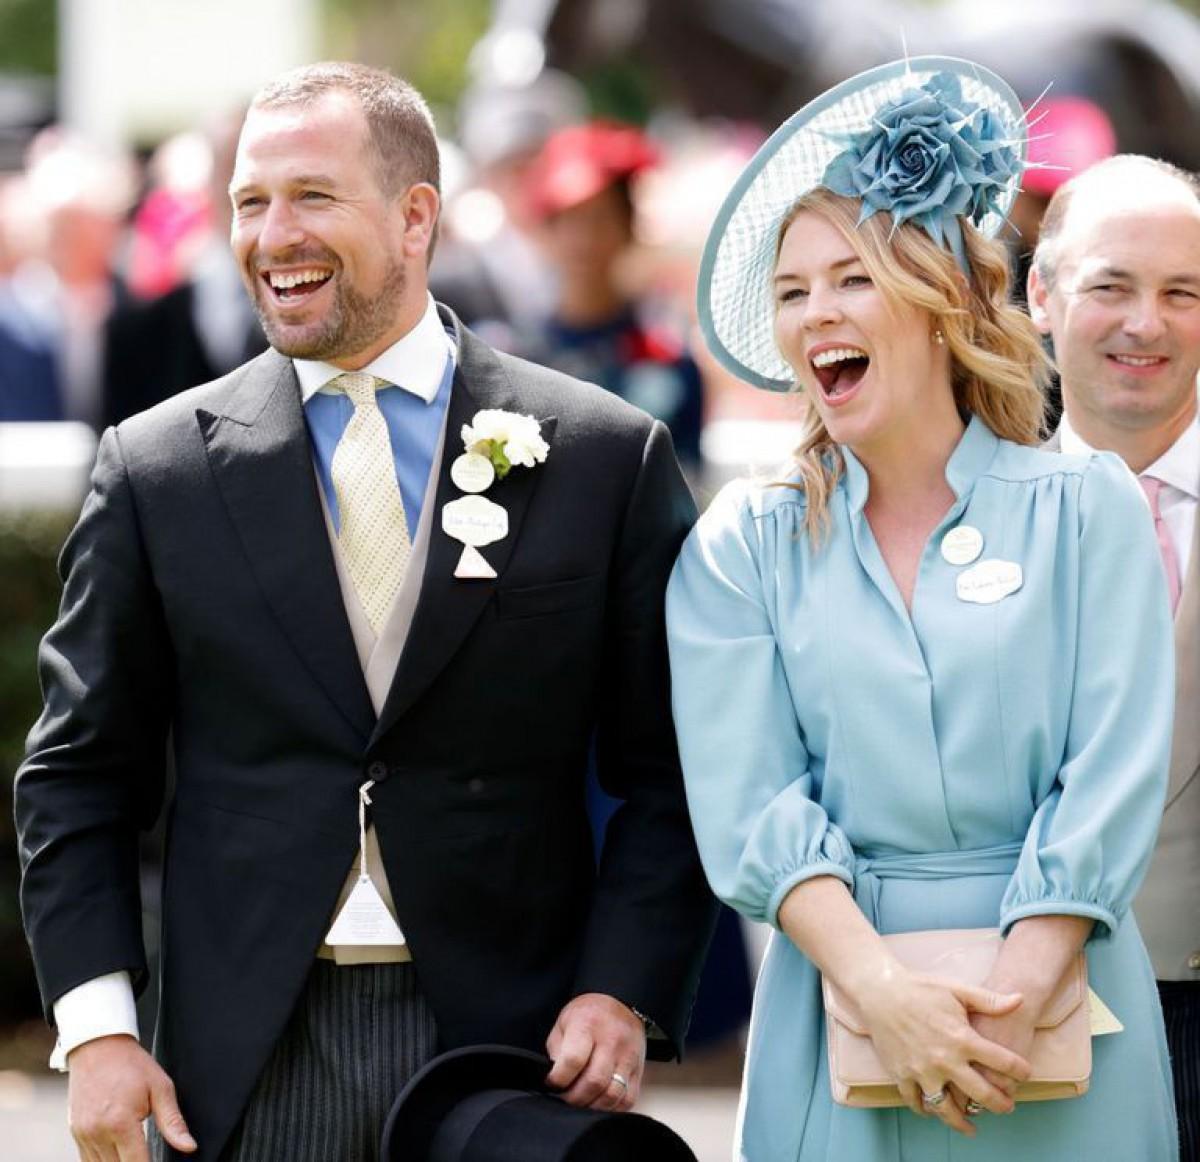 妻オータムは子どもたちとカナダへ? エリザベスの孫ピーター・フィリップス、12年の結婚生活に終止符(ELLE ONLINE)